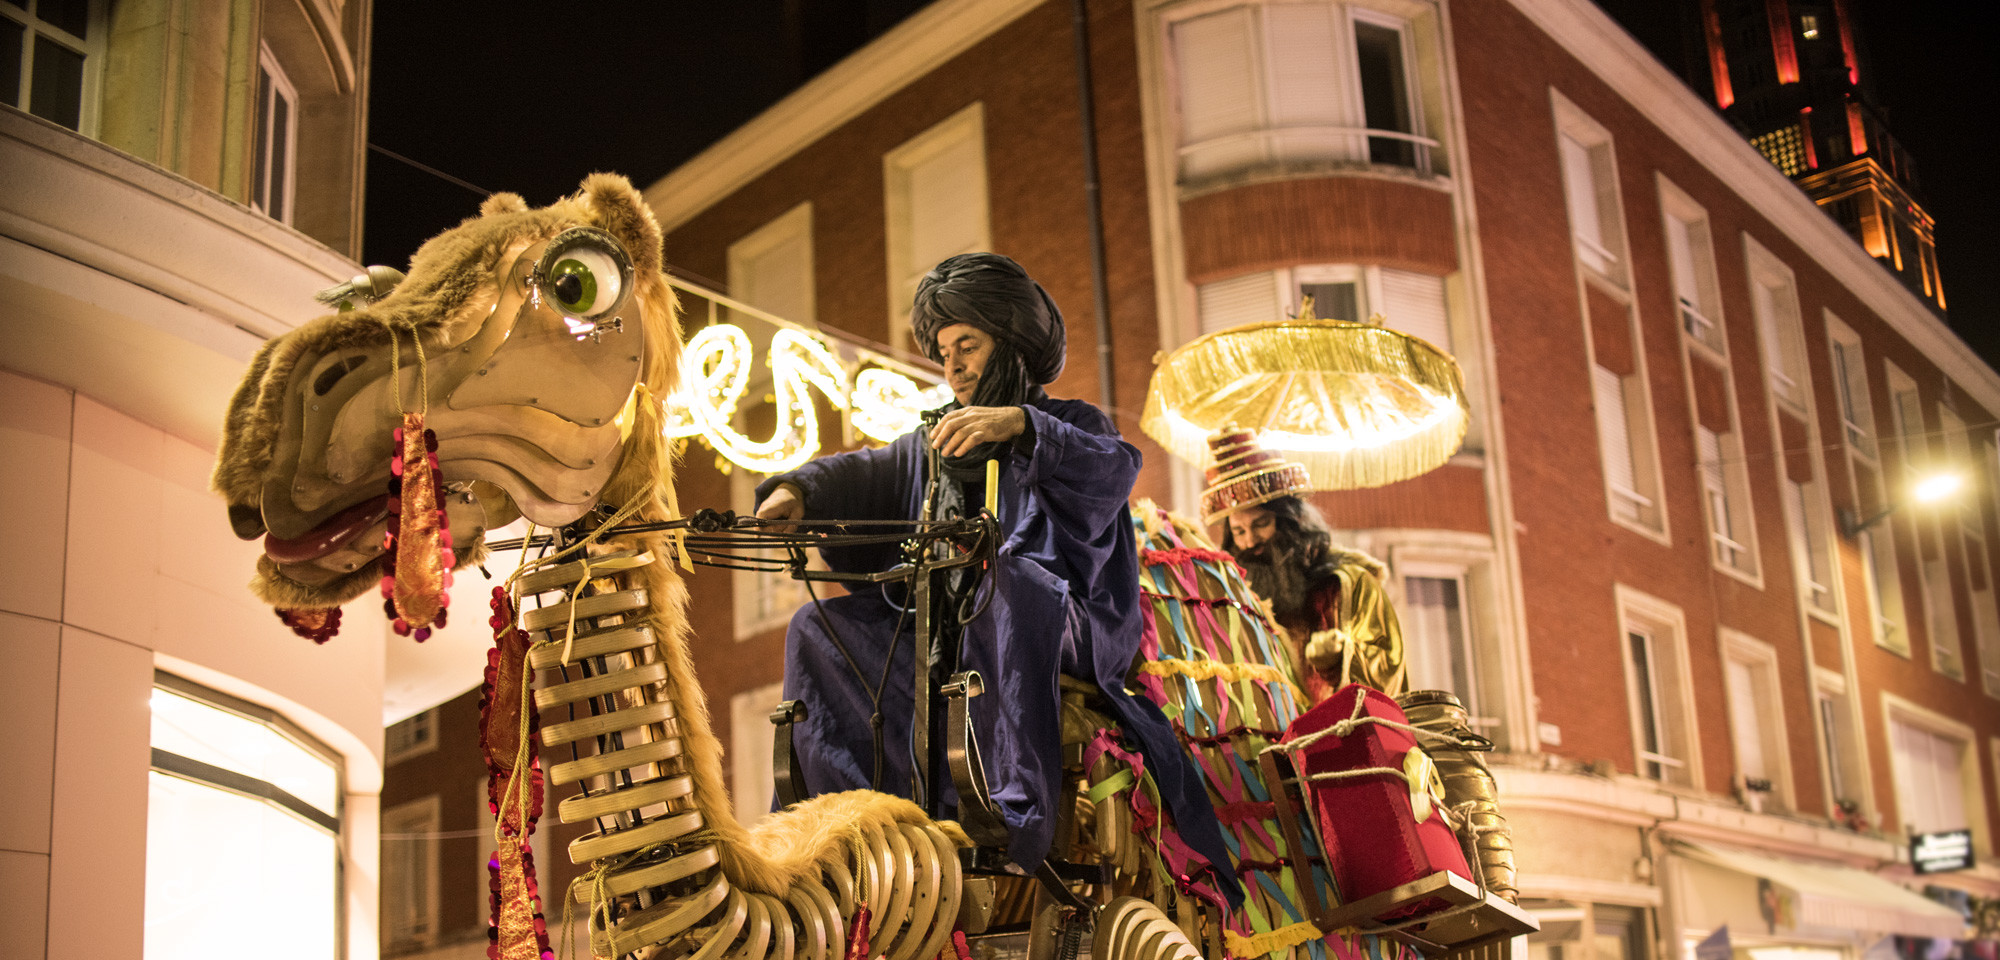 Grand Bazar de Balthazar spectacle rue déambulation mille et une nuits